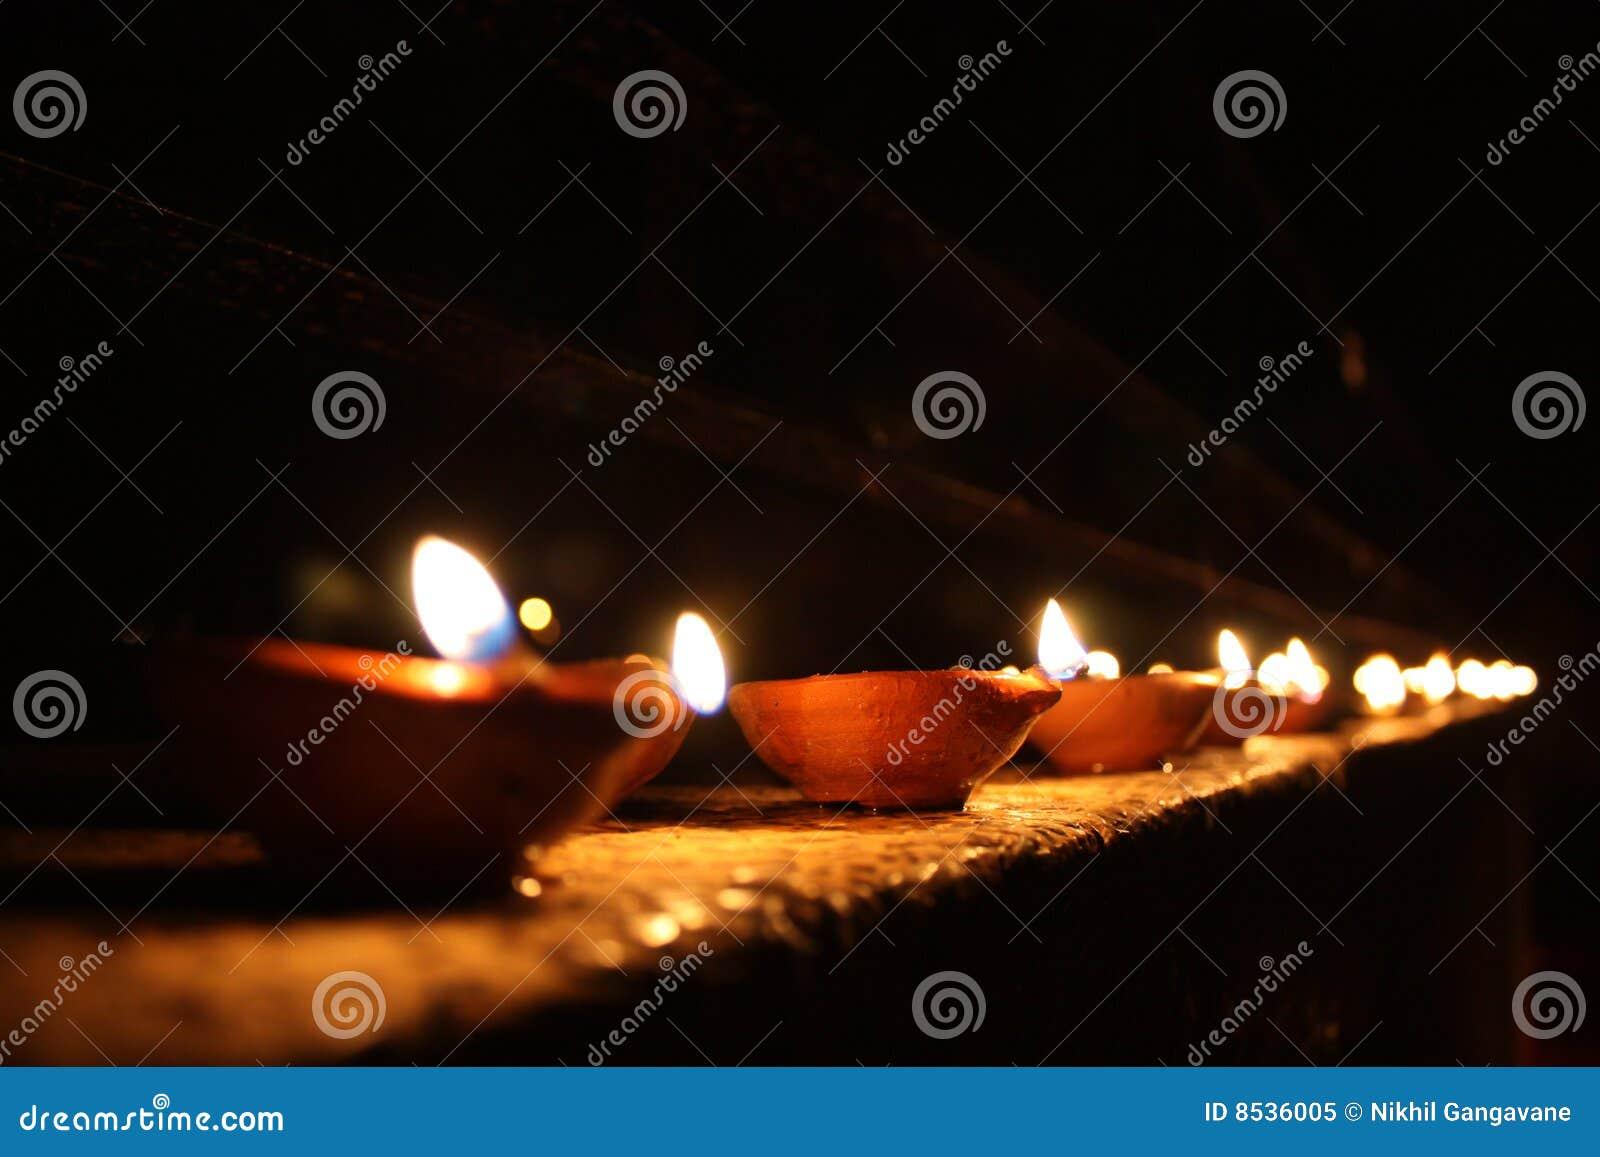 Line of Diwali Lamps